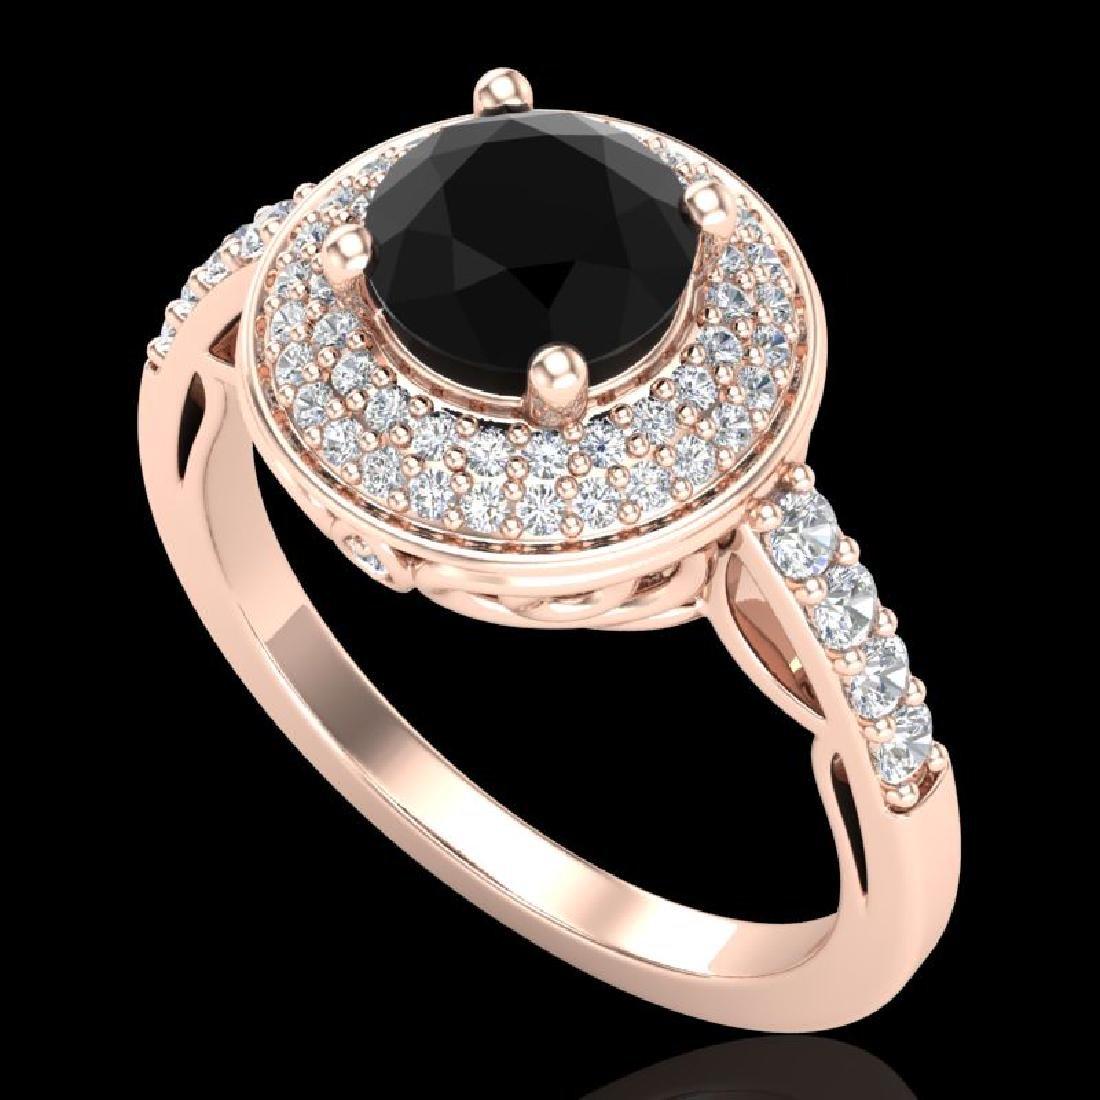 1.7 CTW Fancy Black Diamond Solitaire Engagement Art